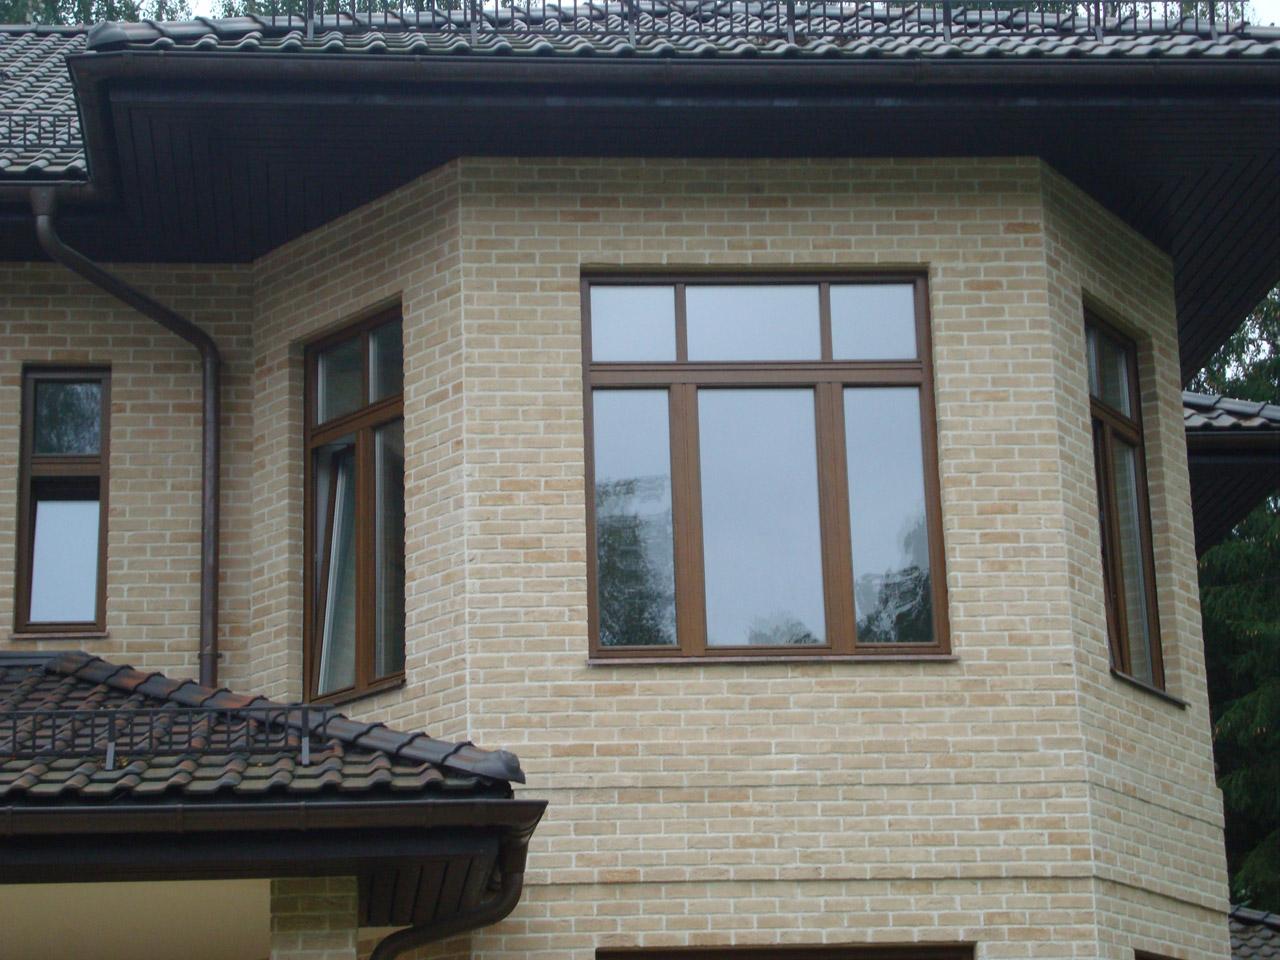 Остекление балкона в коттедже остекление балкона в коттедже.